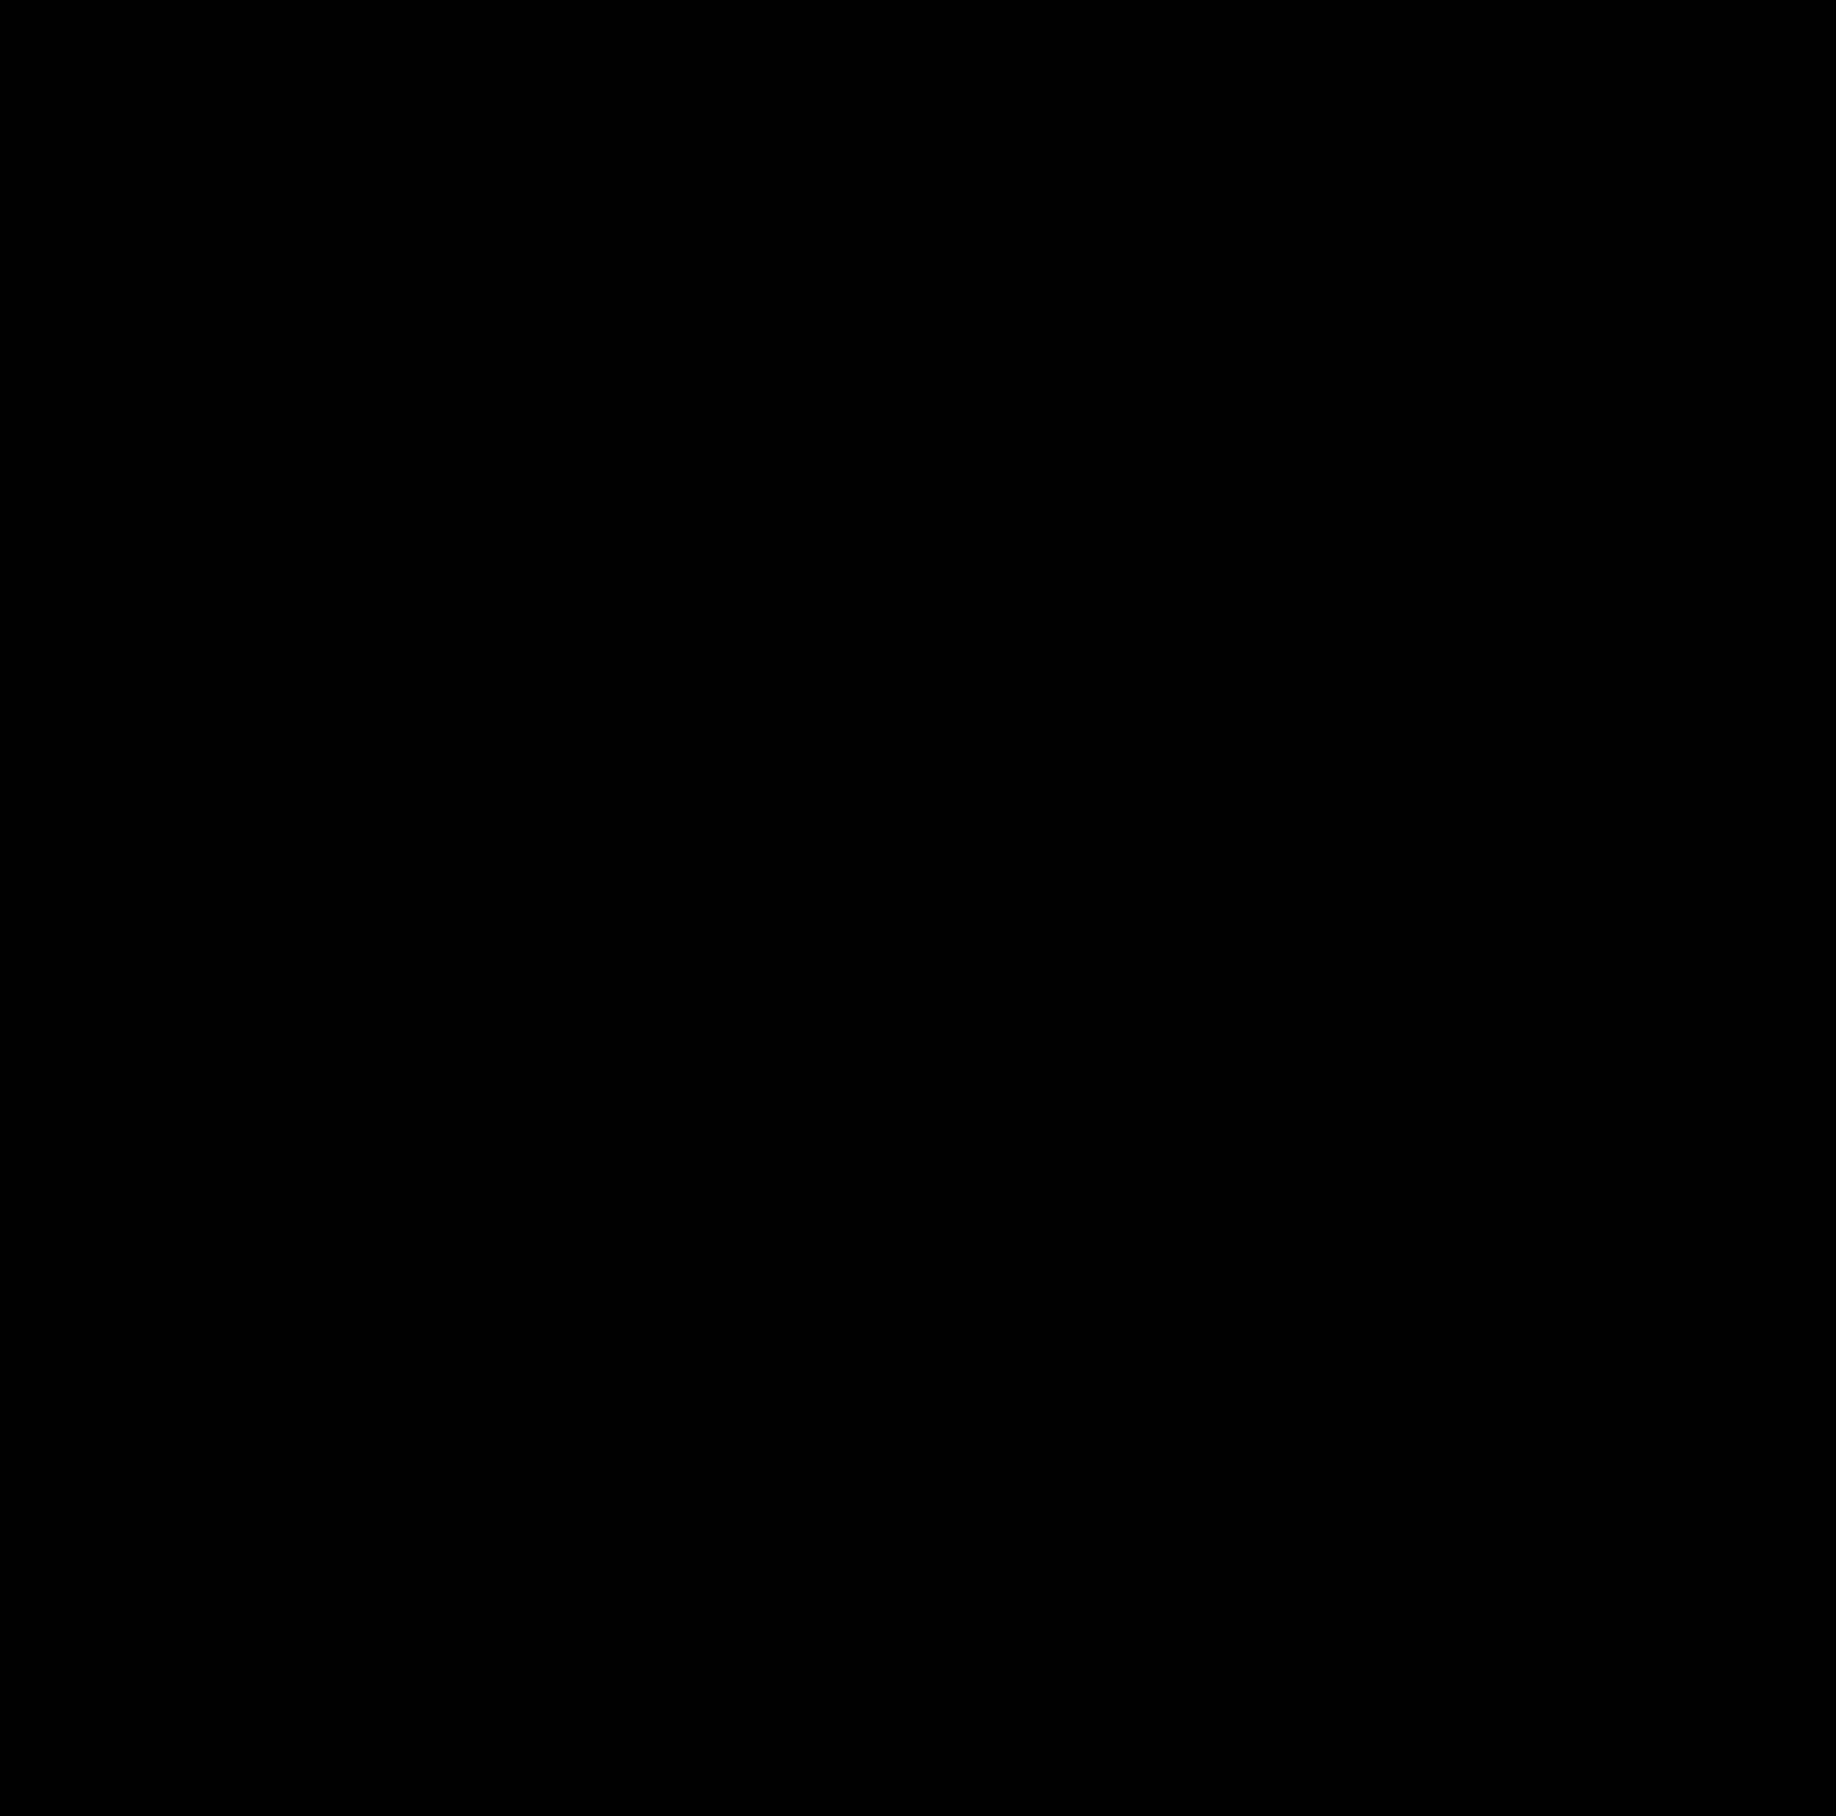 La escalada como deporte confirmado en los Juegos Panamericanos de Santiago 2023.